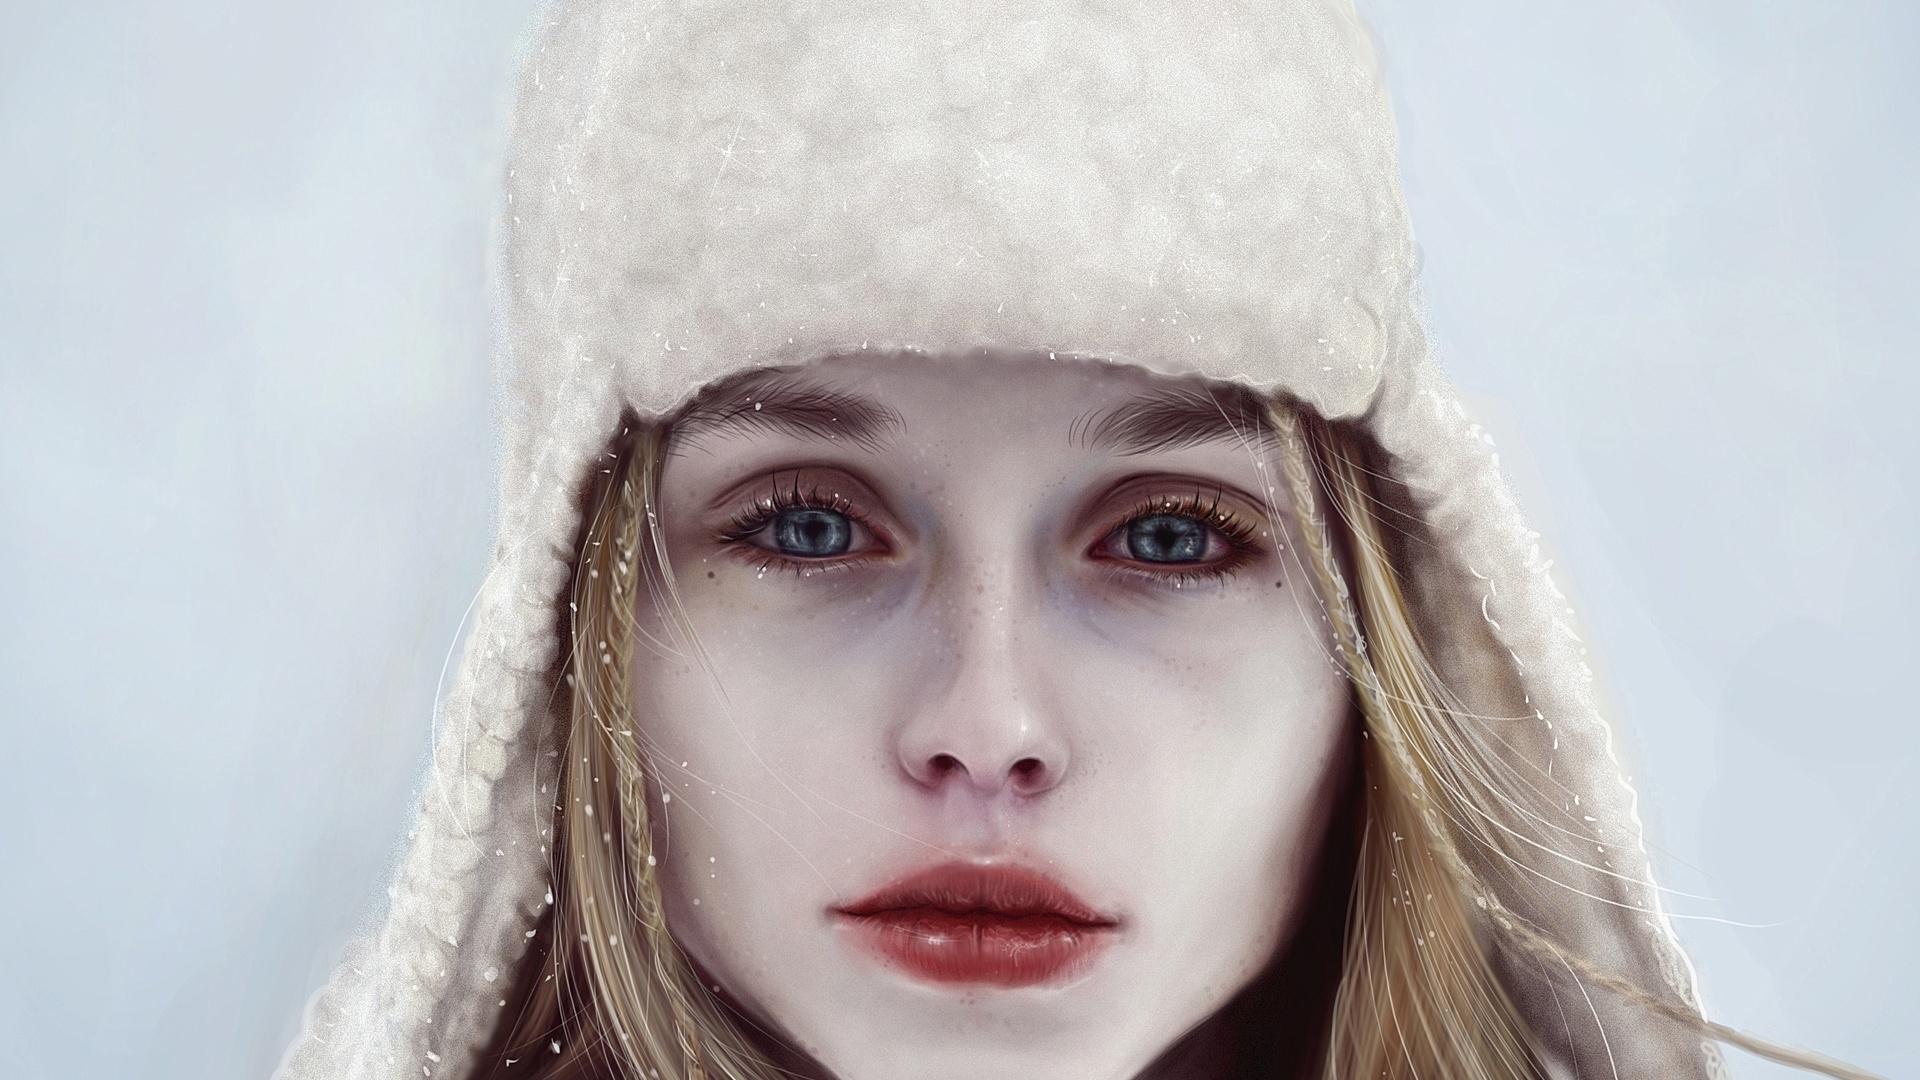 девушка, арт, зима, взгляд